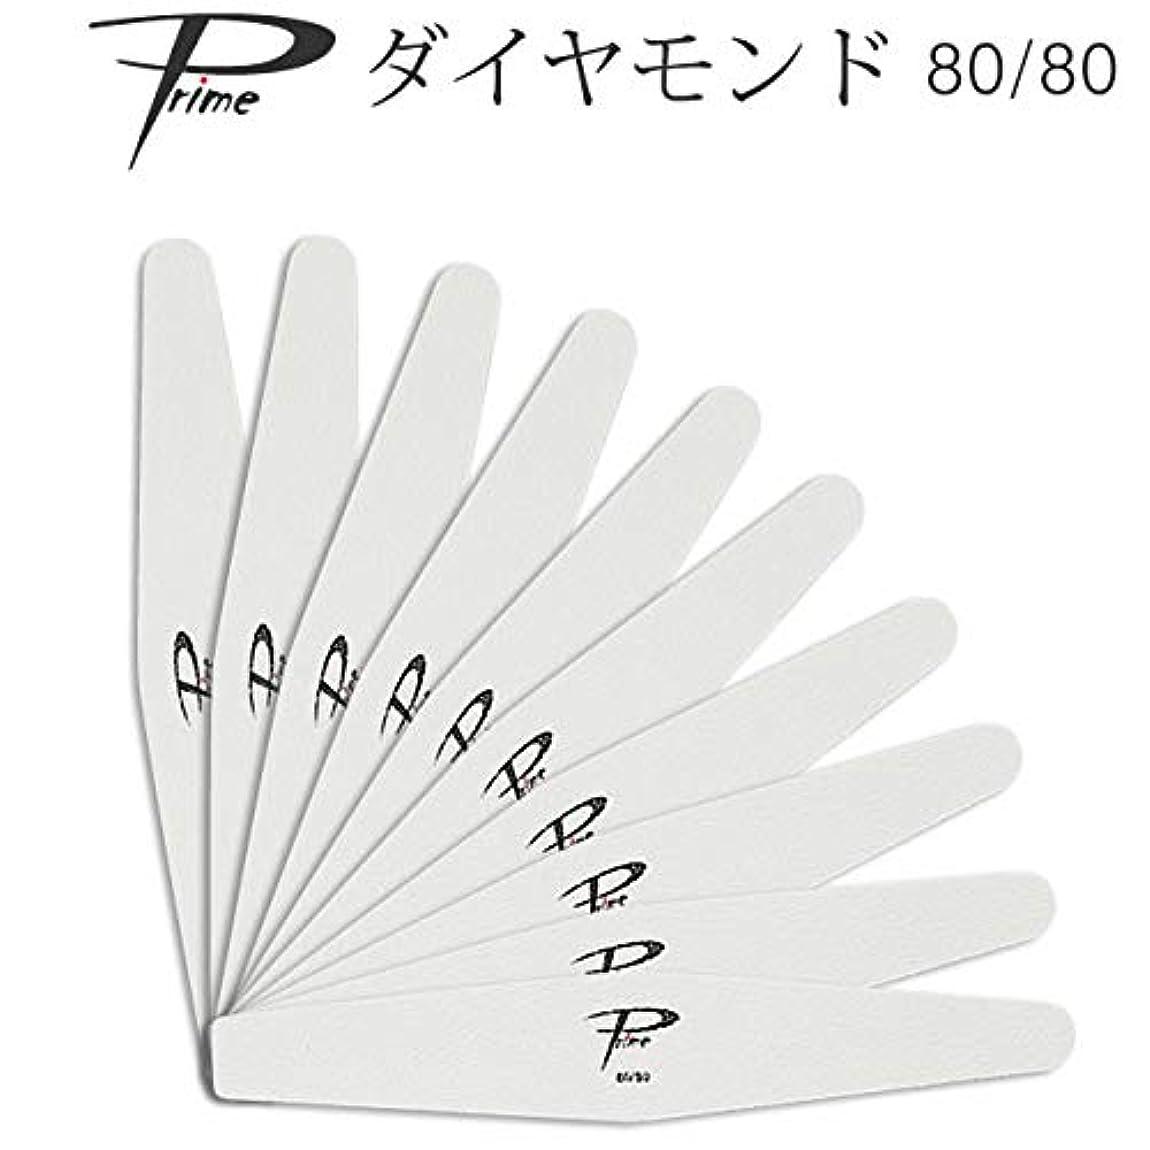 そんなに木うぬぼれ10本セット PrimeダイヤモンドFILE 80/80